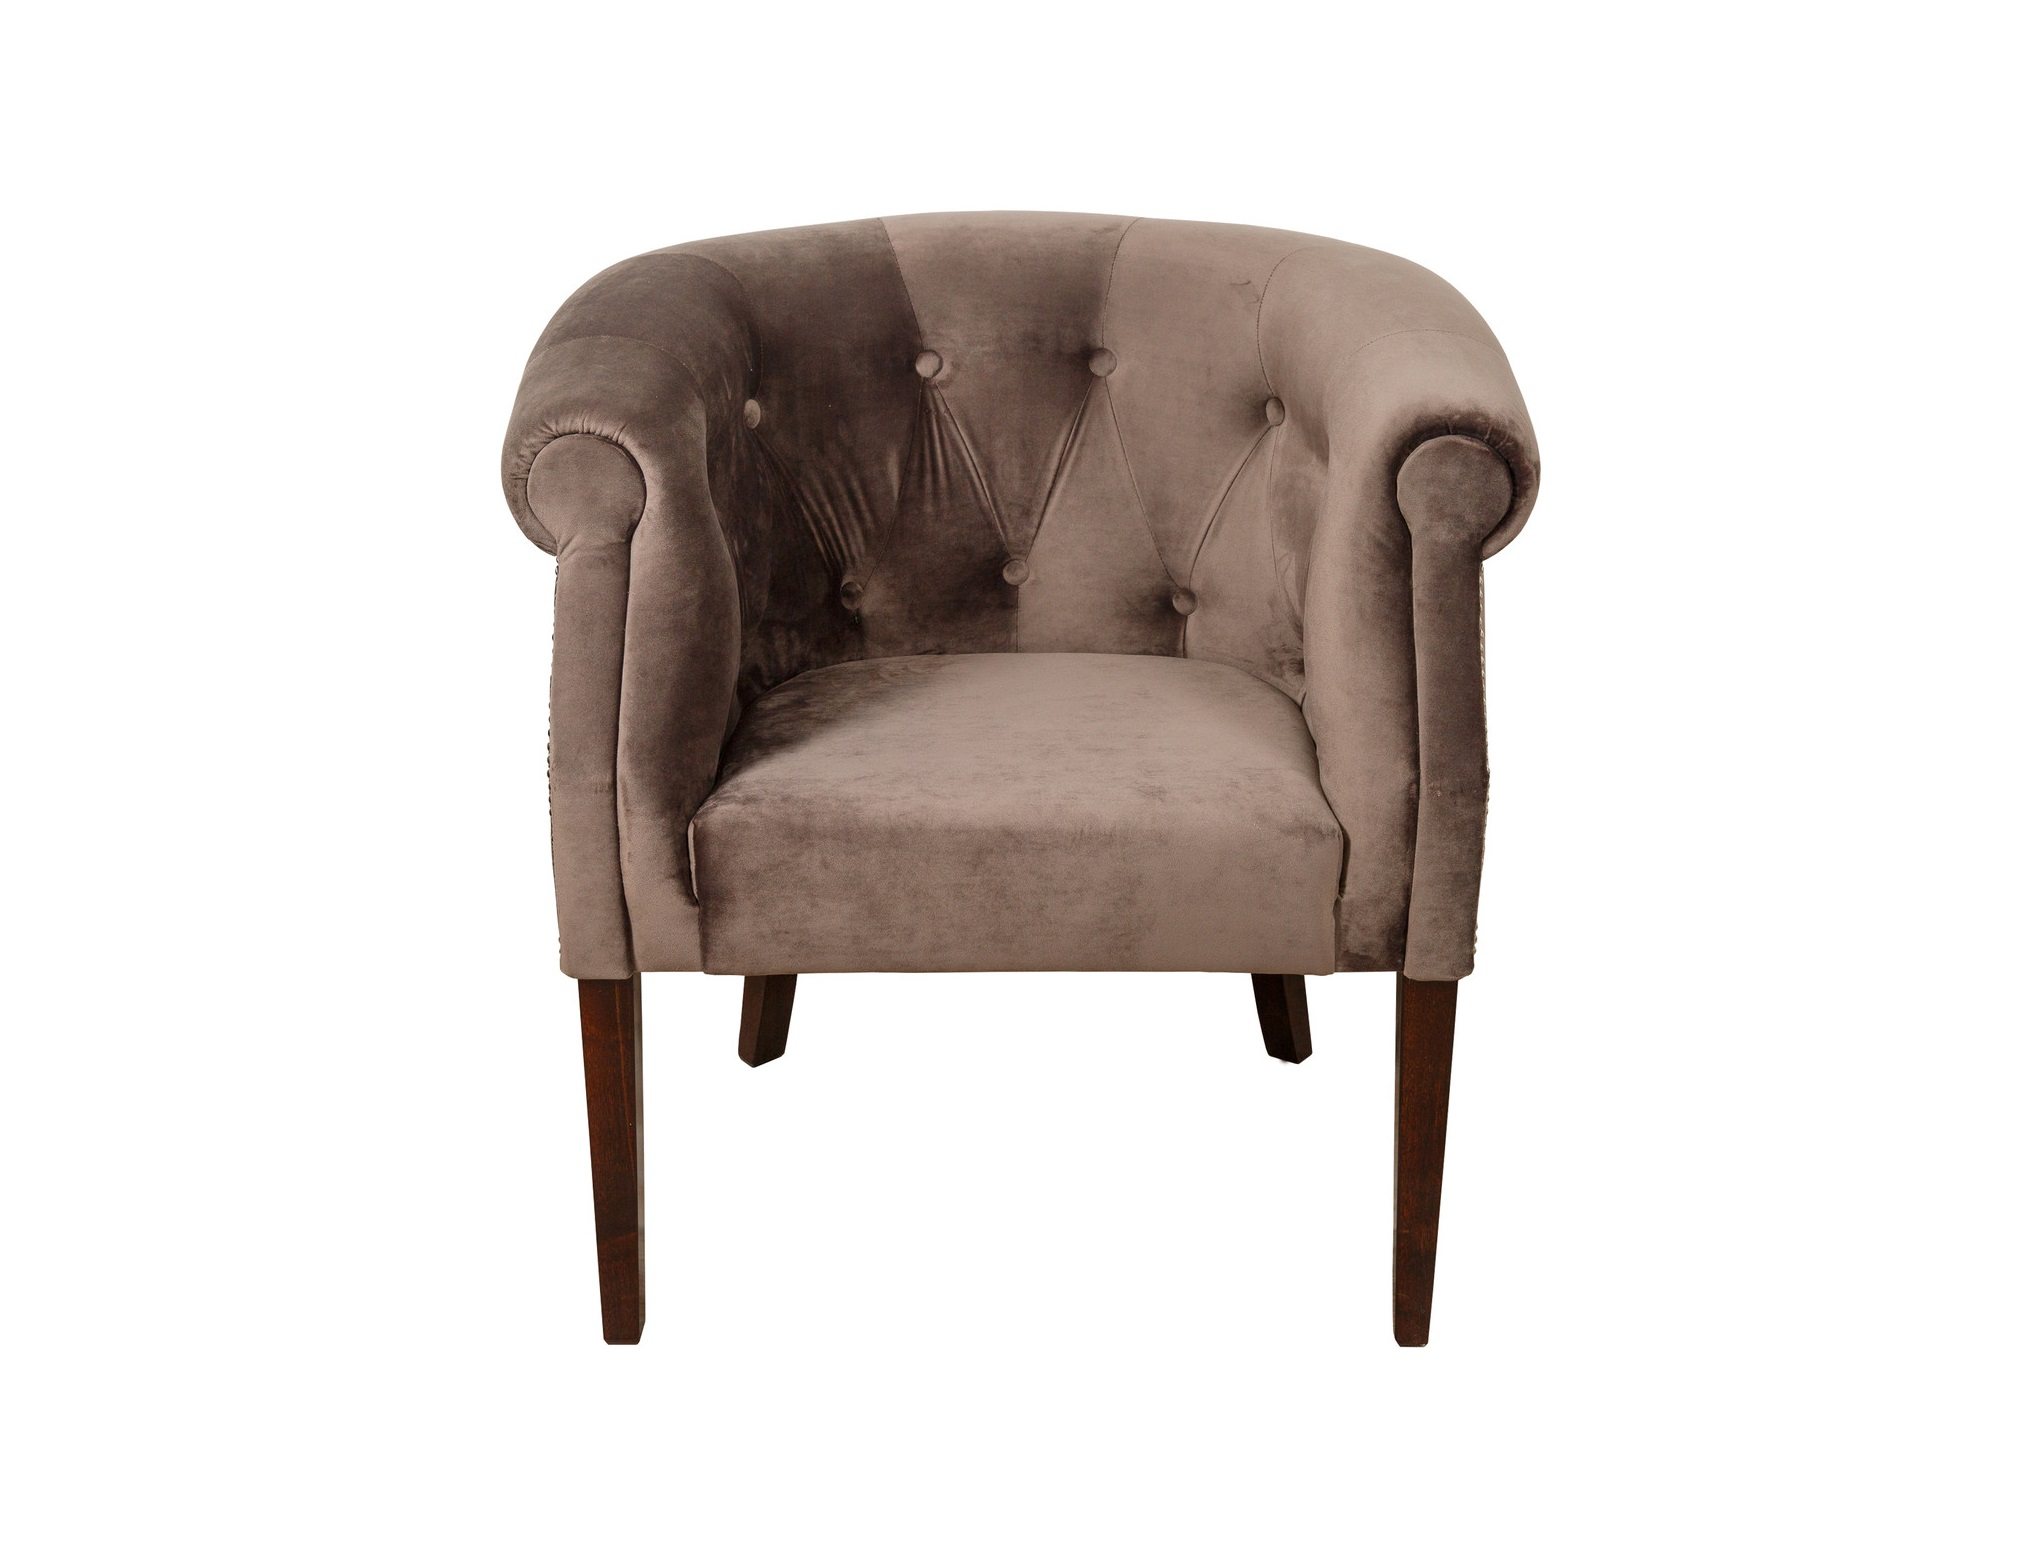 КреслоИнтерьерные кресла<br>Каркасное  кресло оригинального дизайна станет не только выделяющимся, но и комфортным акцентом в вашем интерьере. Кресло станет незаменимым предметом декора или функциональной мебелью . А эксклюзивные ткани добавят изюминку в ваше пространство.<br><br>Material: Текстиль<br>Ширина см: 80<br>Высота см: 65<br>Глубина см: 52